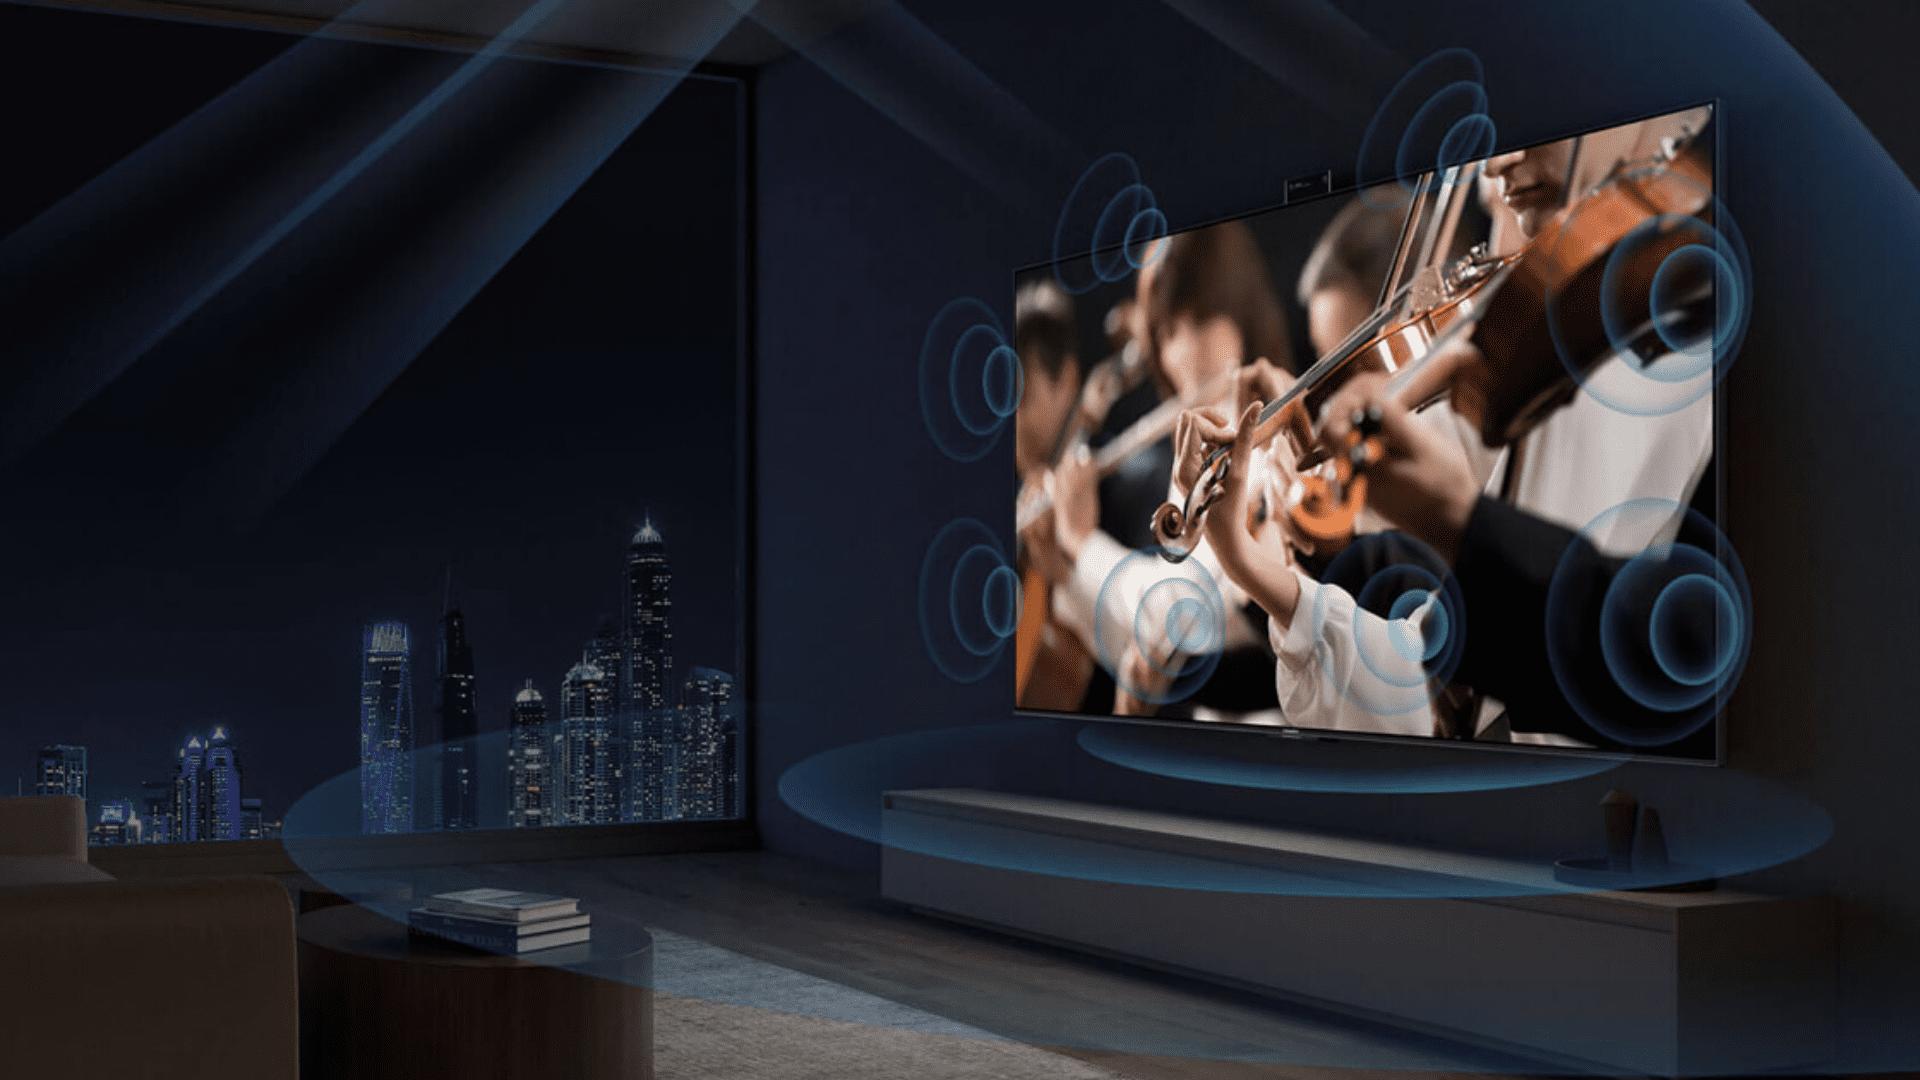 A TV da Xiaomi totaliza 100W de potência sonora, um valor muito acima da média. (Imagem: Divulgação/Xiaomi)